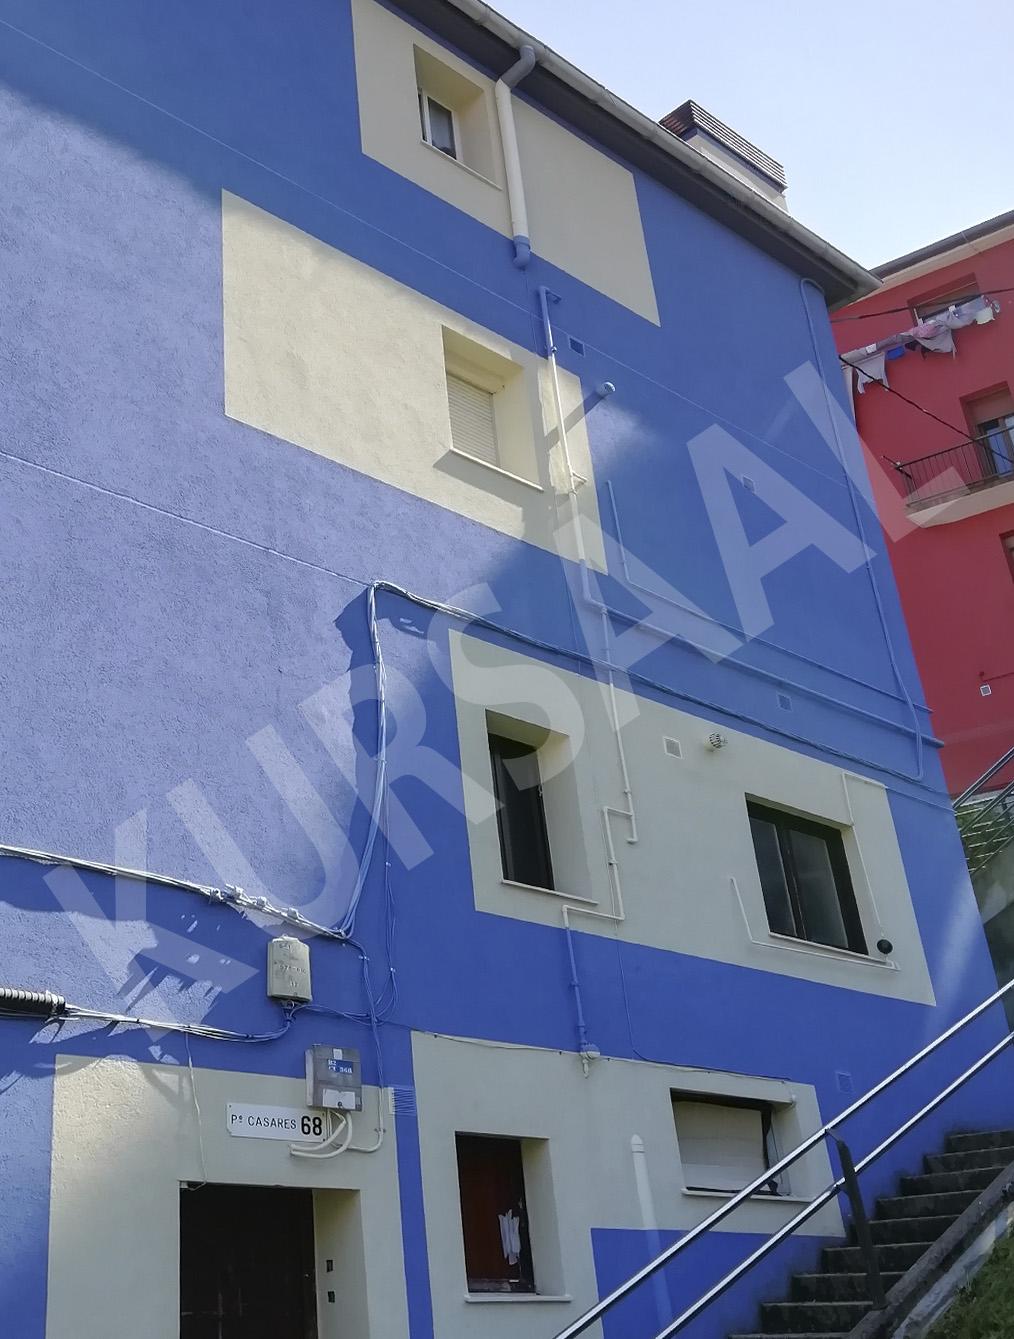 foto 14 - Aislamientos Térmicos y Eficiencia Energética-Casares 66-PASAIA, GIPUZKOA